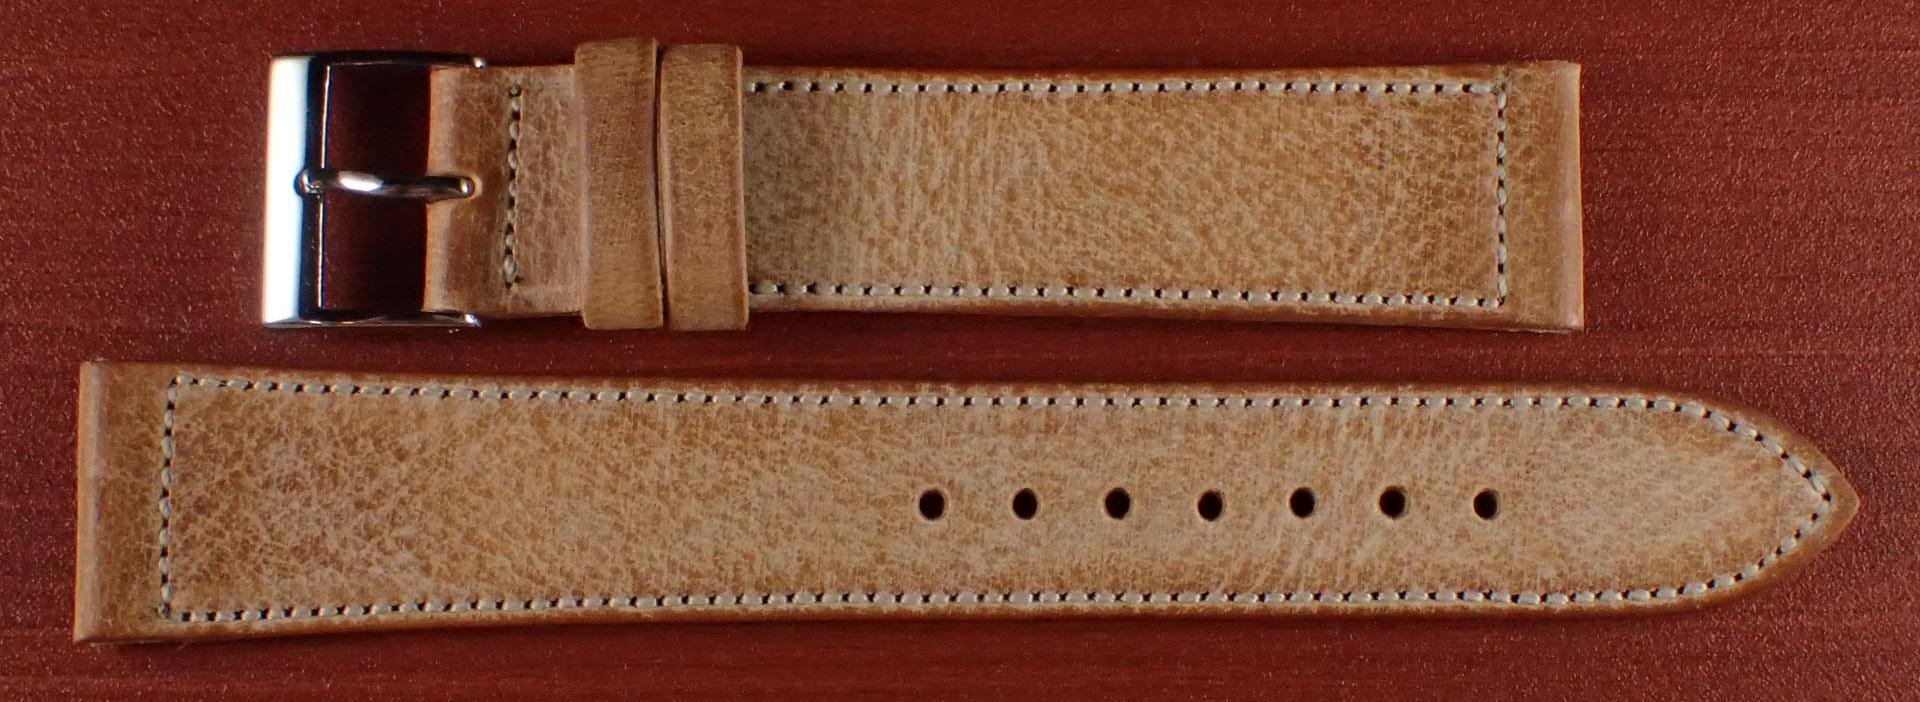 ブライドルレザーベルト ラ・ペルラ・アッズーラ アラスカ ブラウン 16、17、18、19、20mm